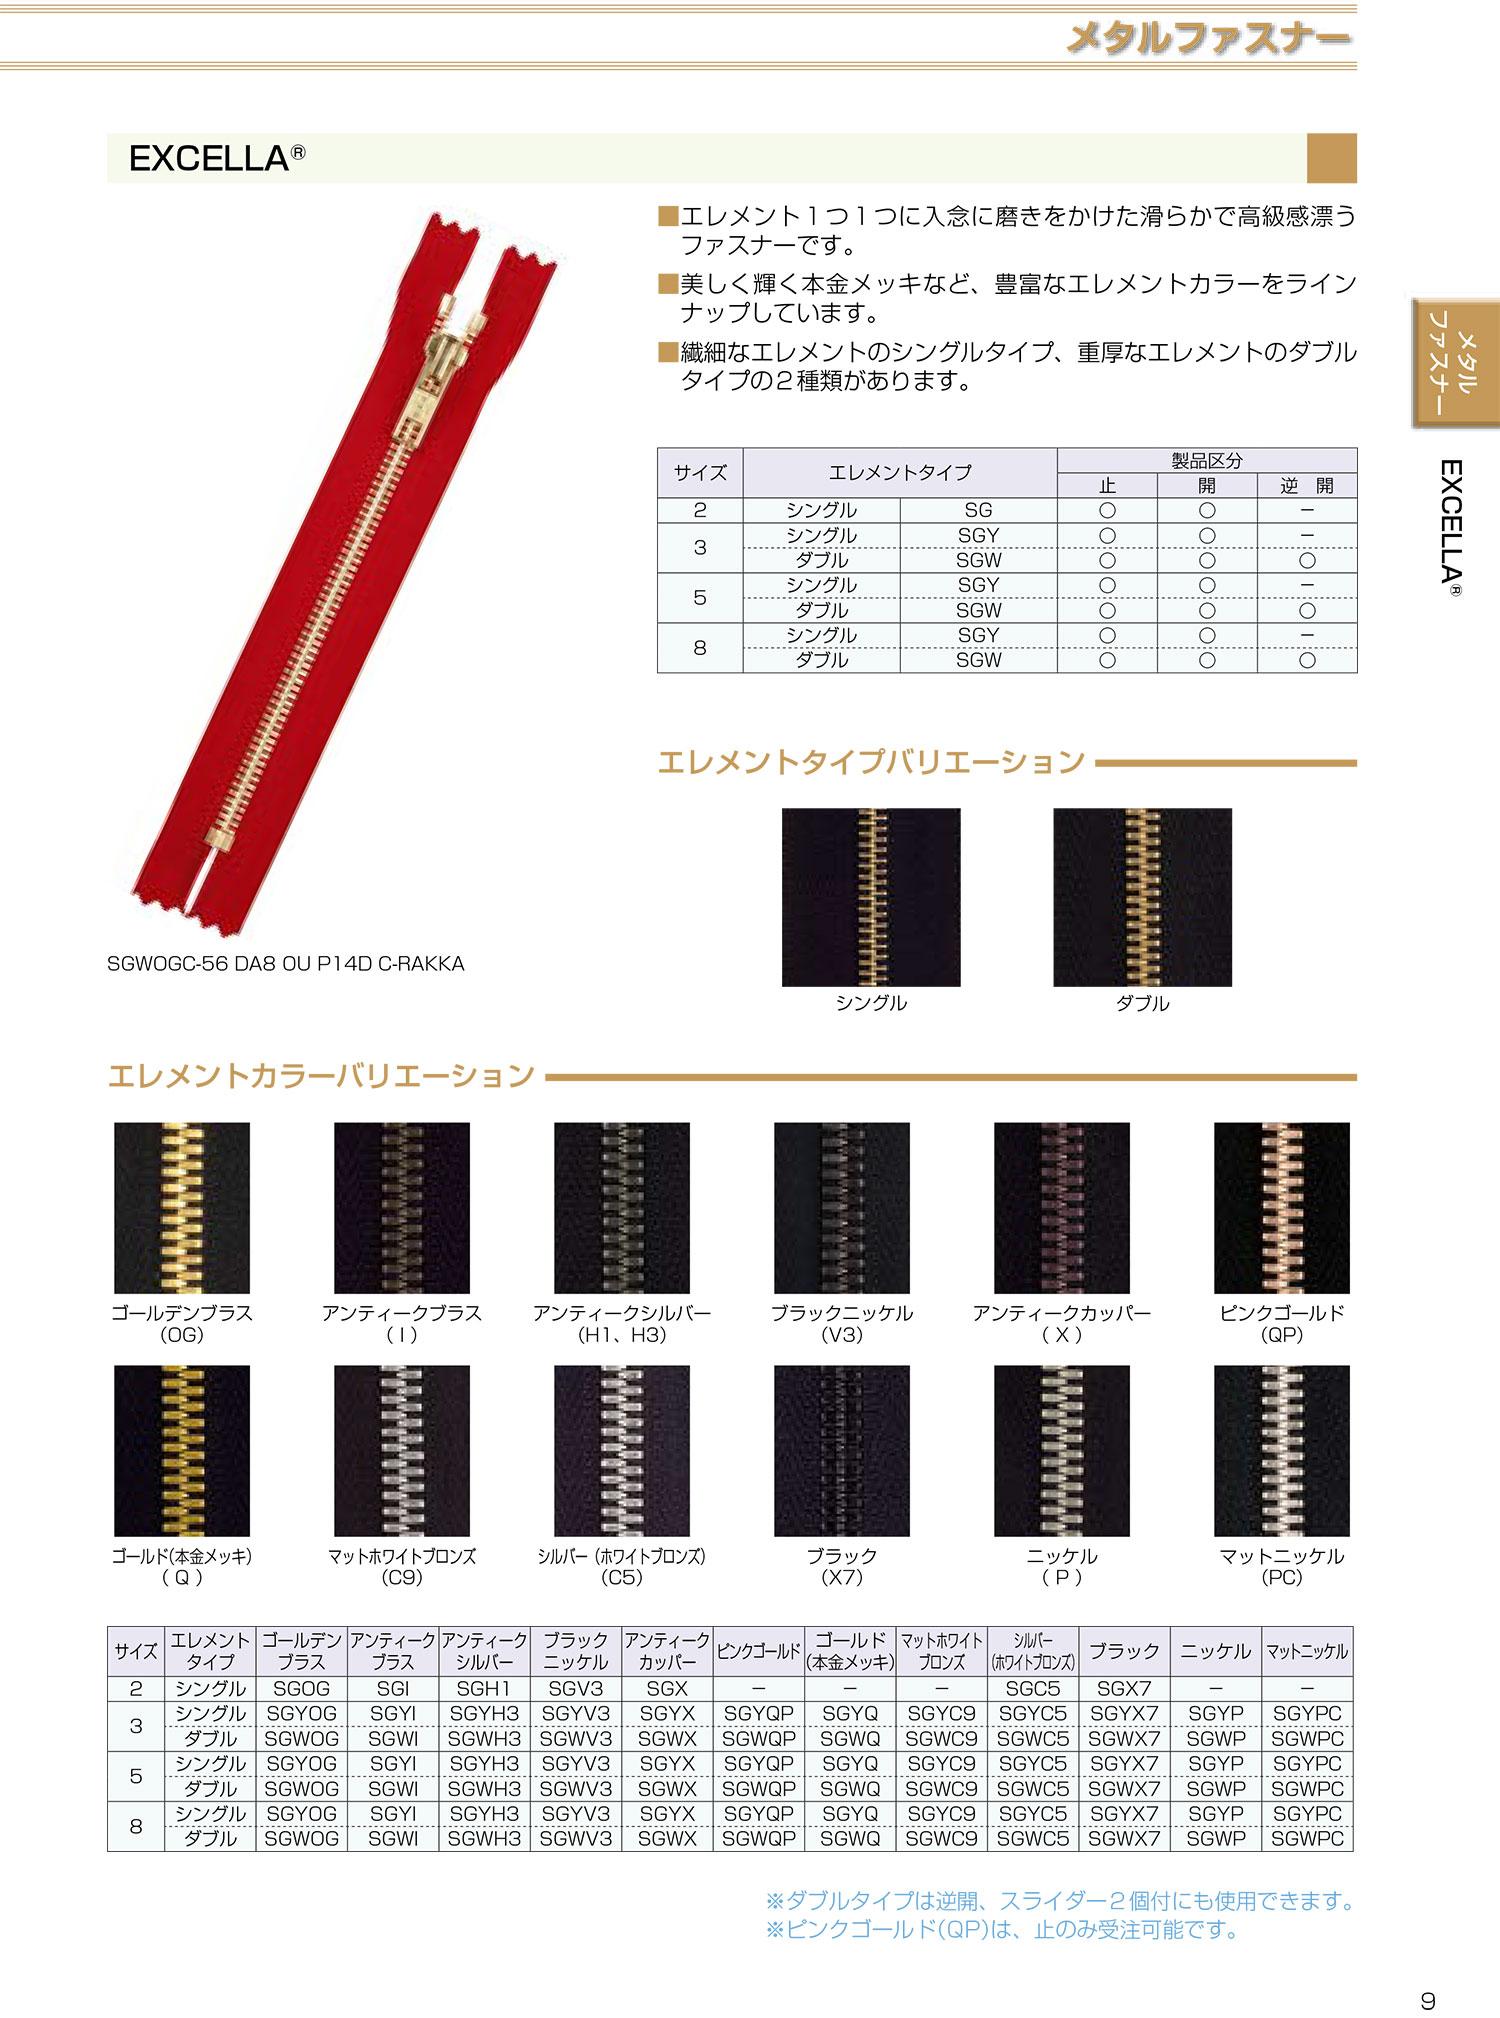 8SGWPC エクセラ 8サイズ ニッケル 止め ダブル[ファスナー] YKK/オークラ商事 - ApparelX アパレル資材卸通販